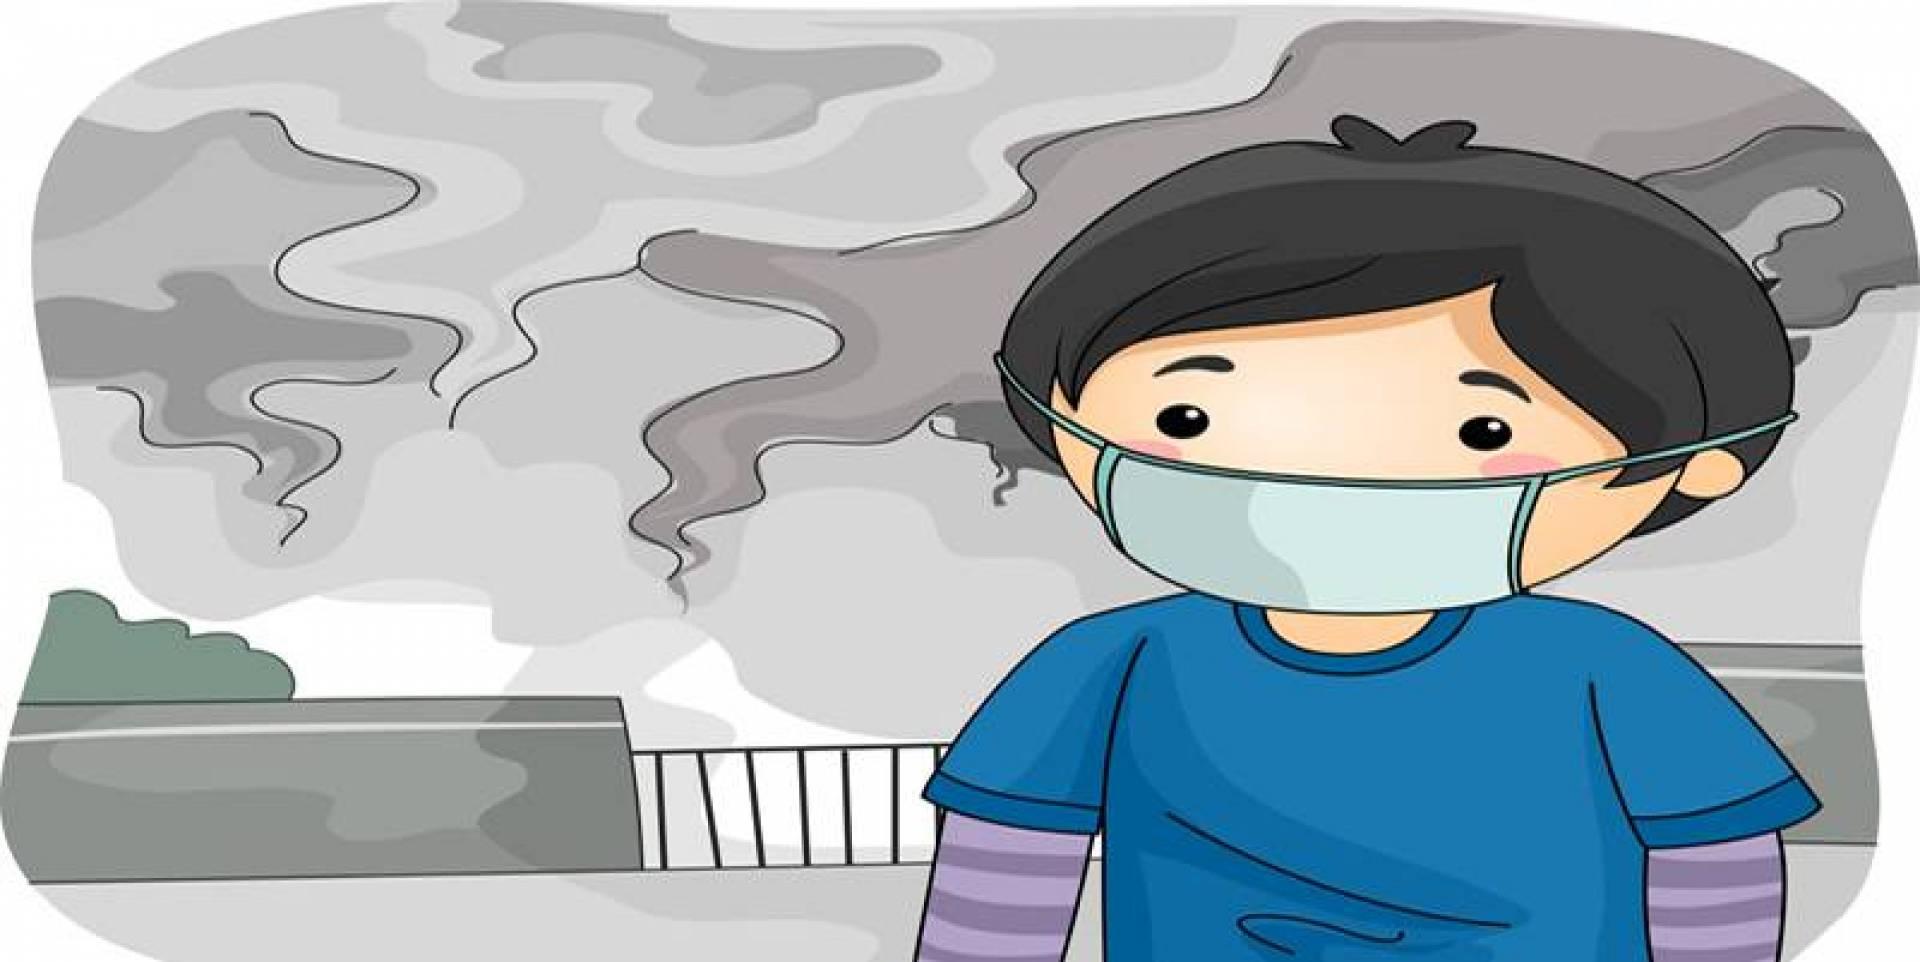 الهواء الملوث يصيب الأطفال والمراهقين بأمراض عصبية خطيرة